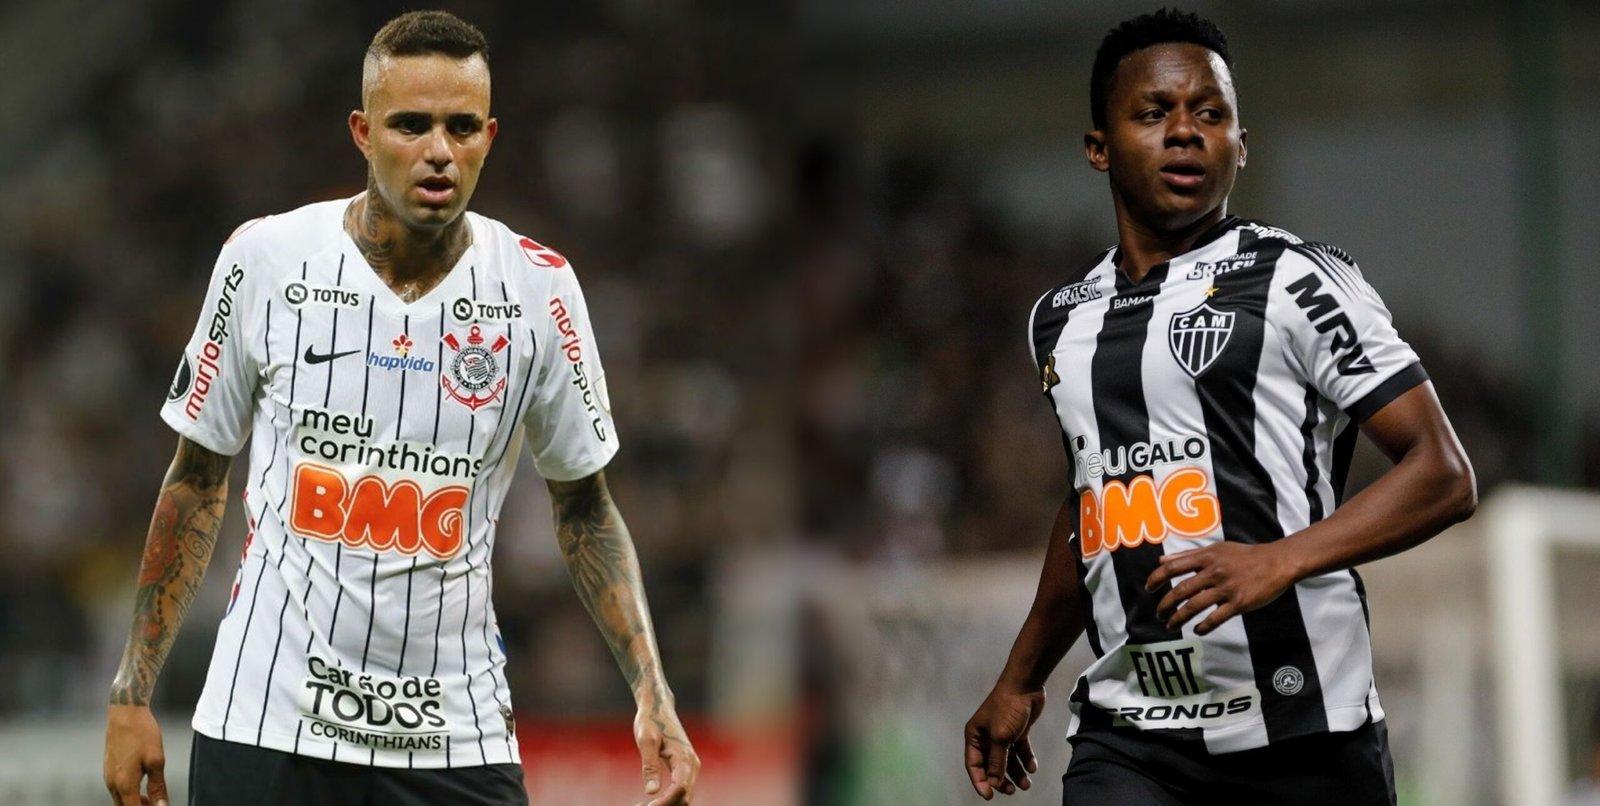 Alexandre Mattos descarta contratação do Luan do Corinthians e Cazares pode ser anunciado no time paulista